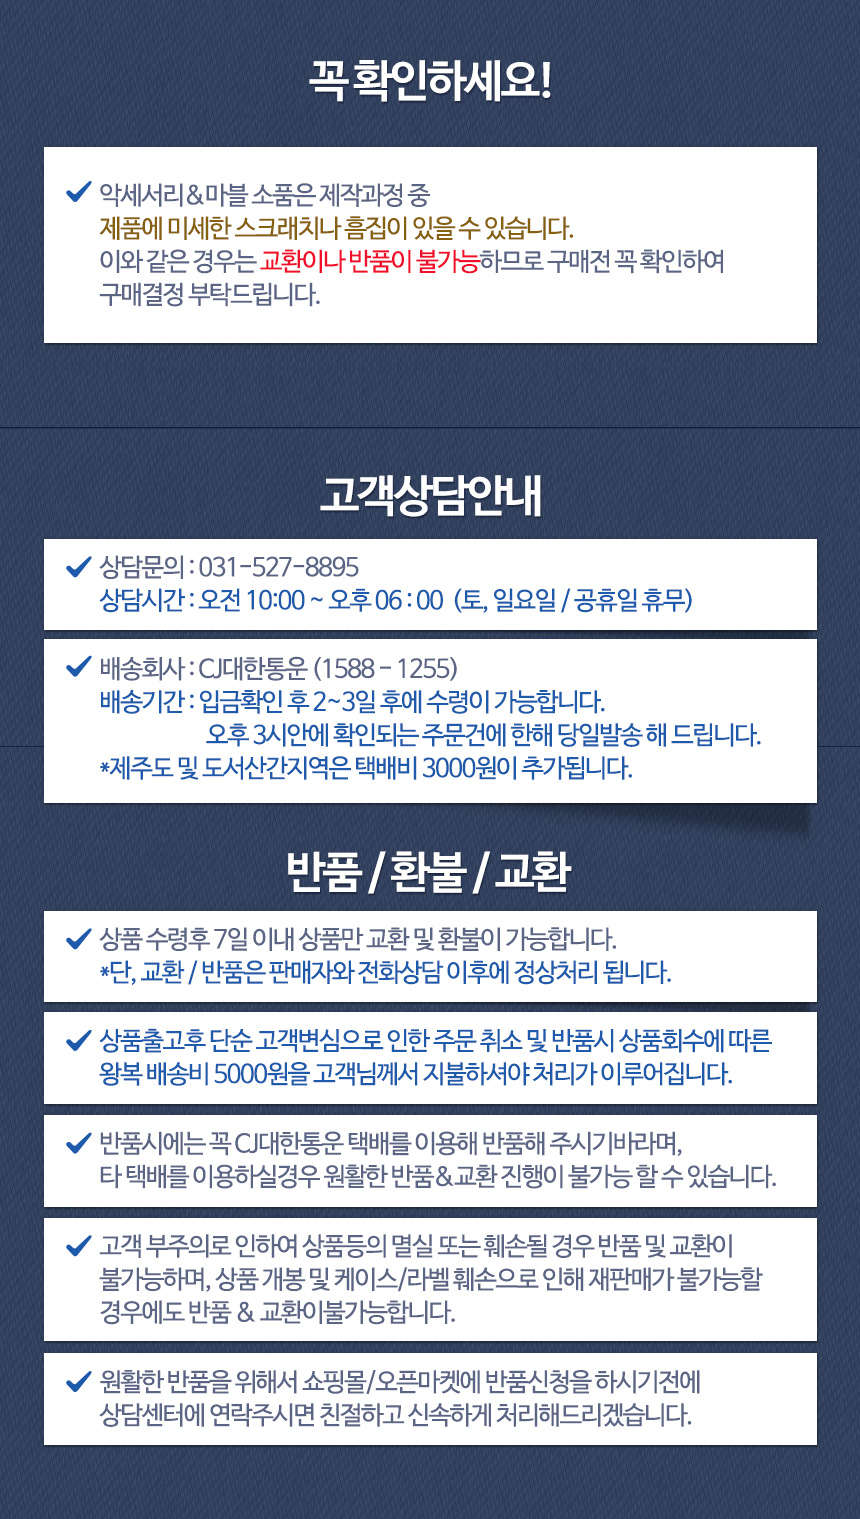 부엉이 나무가지 세가족 - 샤이니아이돌, 34,000원, 장식소품, 도자기류